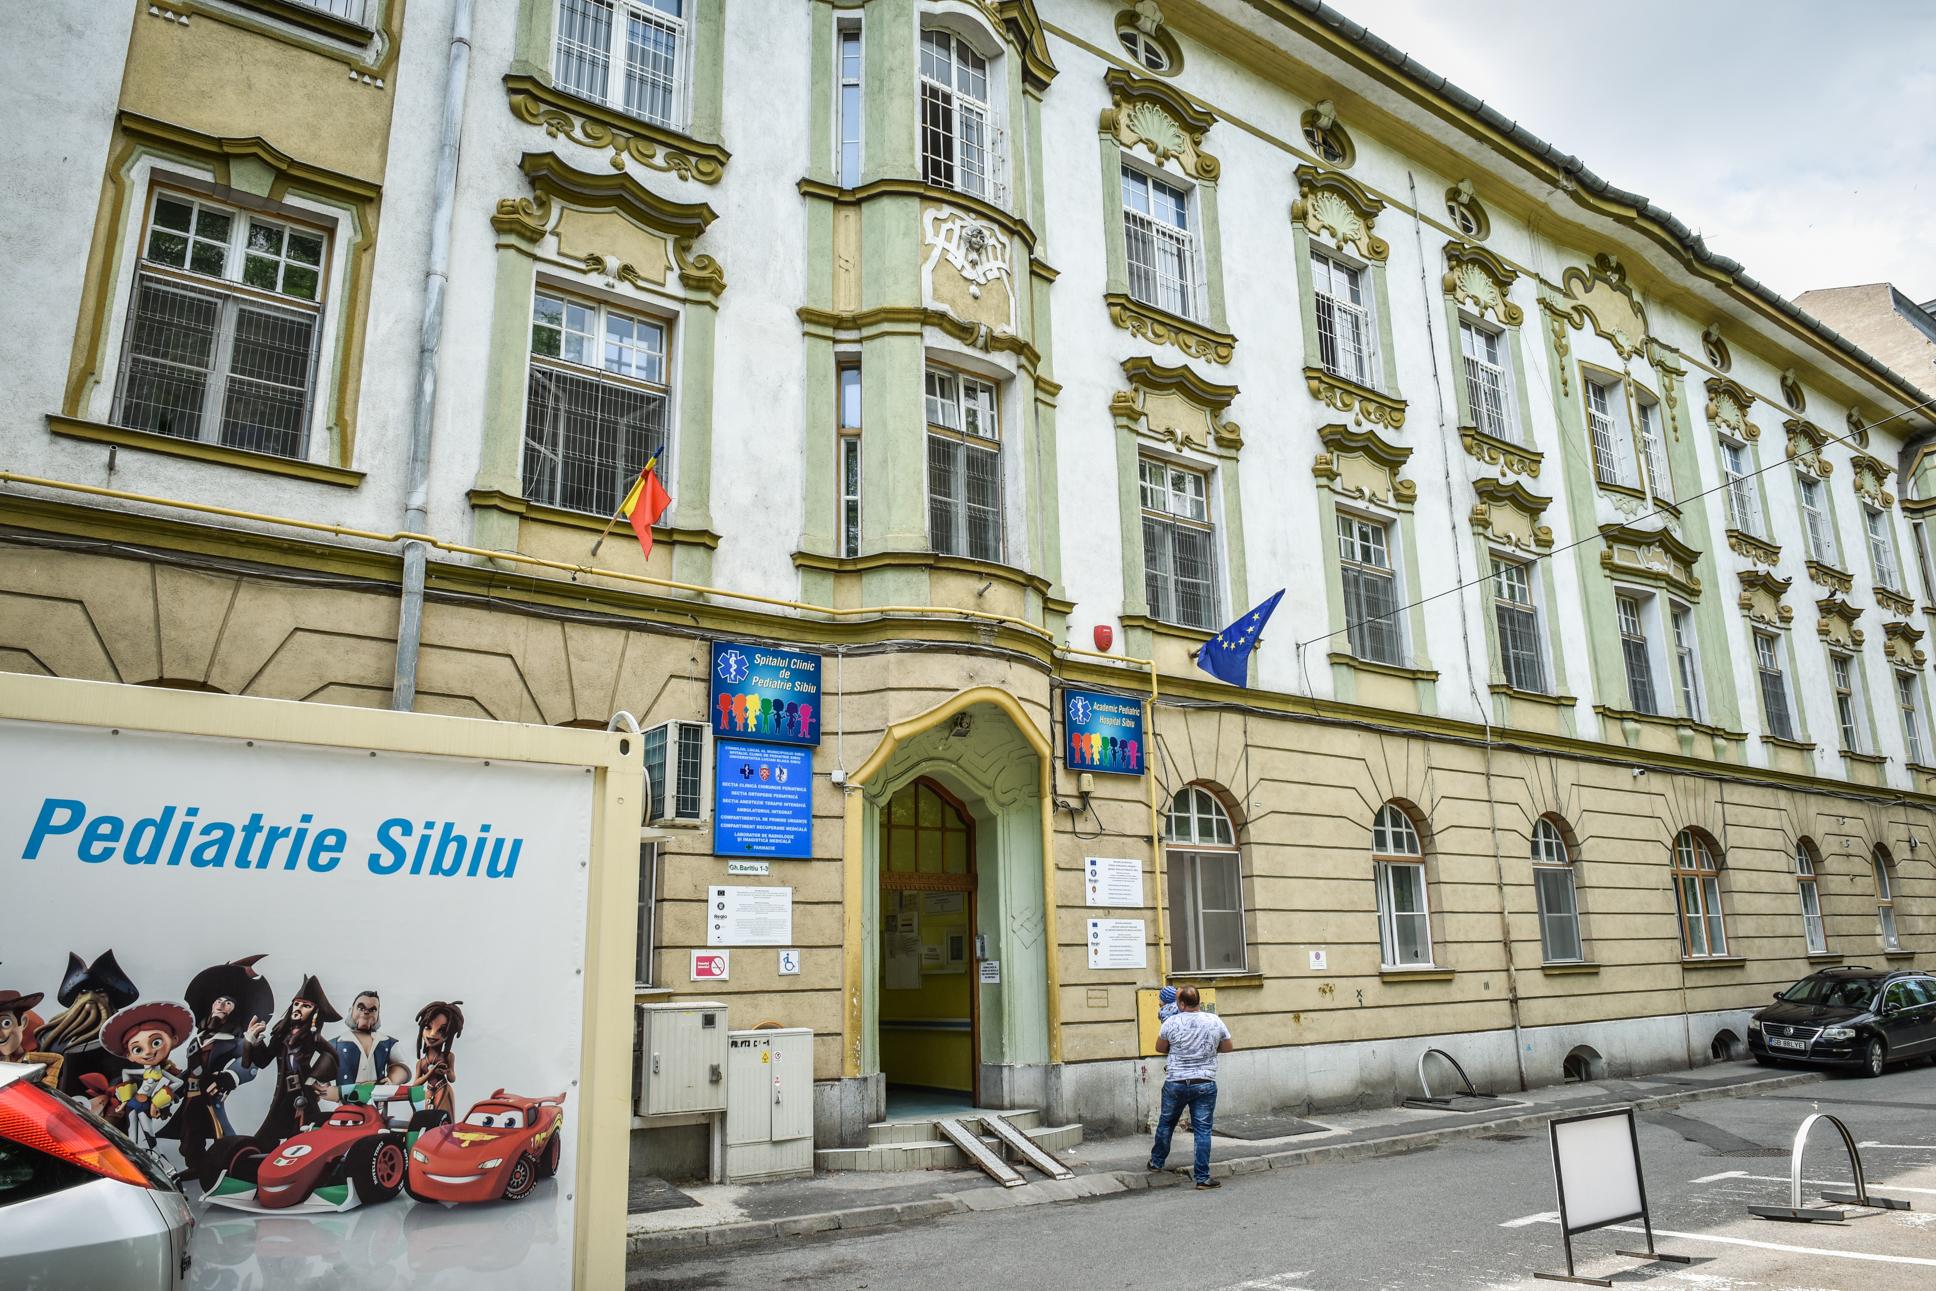 Șapte copii infectați cu SARS CoV-2 sunt internați la Pediatrie, în Sibiu. Niciunul pe ATI